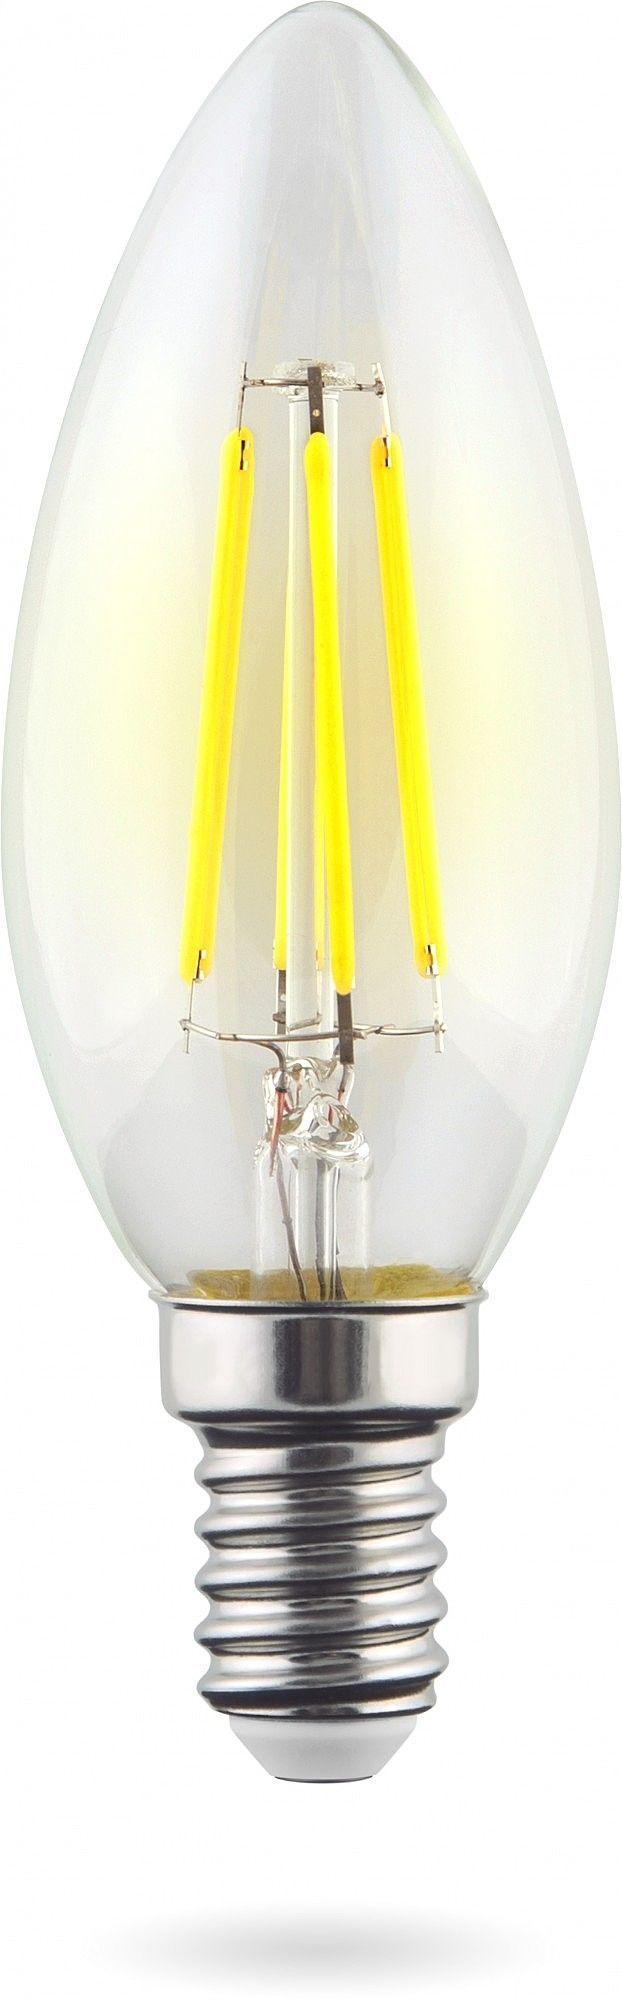 Филаментная светодиодная лампа Voltega Crystal 7019 свеча E14 6W, 2800K (теплый) 220V, гарантия 3 года - фото 1